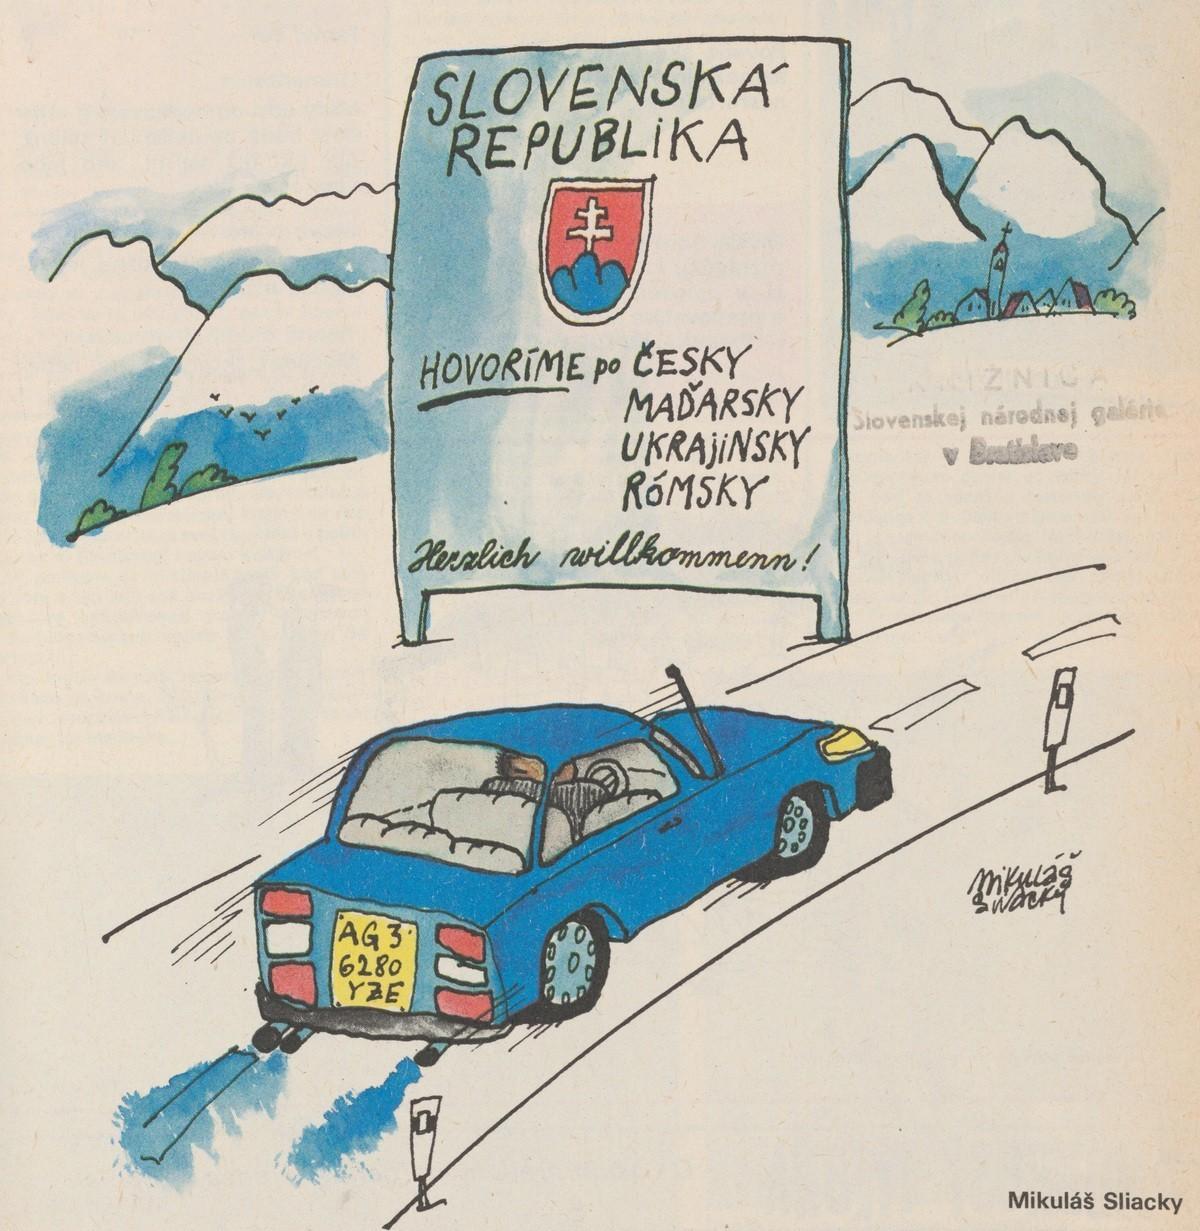 Mikuláš Sliacky, Obálka (Slovenská republika...). 1990. Časopis Roháč